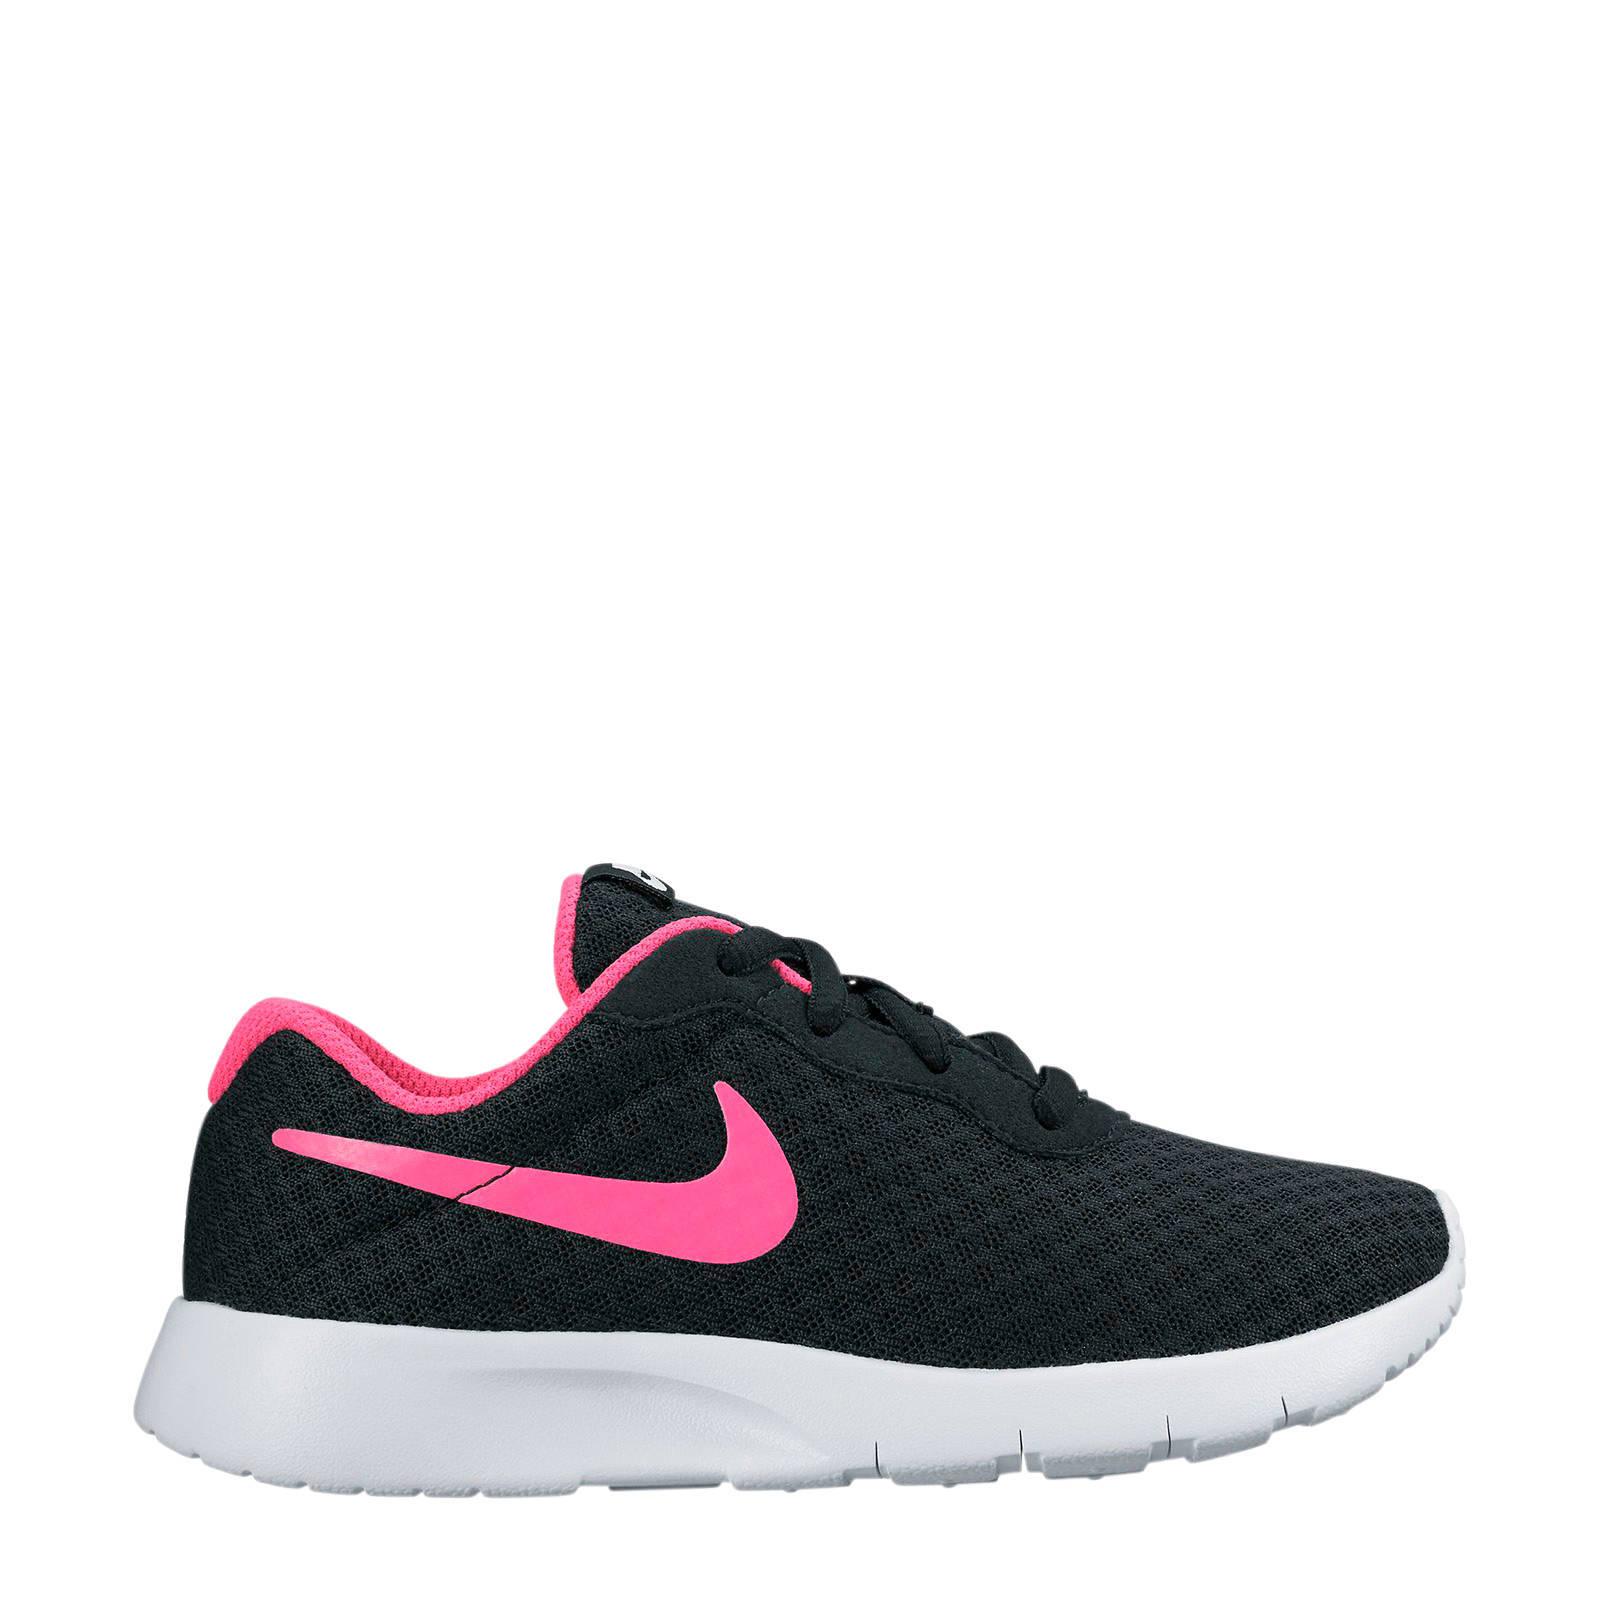 Zwarte Meisjes Nike Sneakers online kopen? Vergelijk op